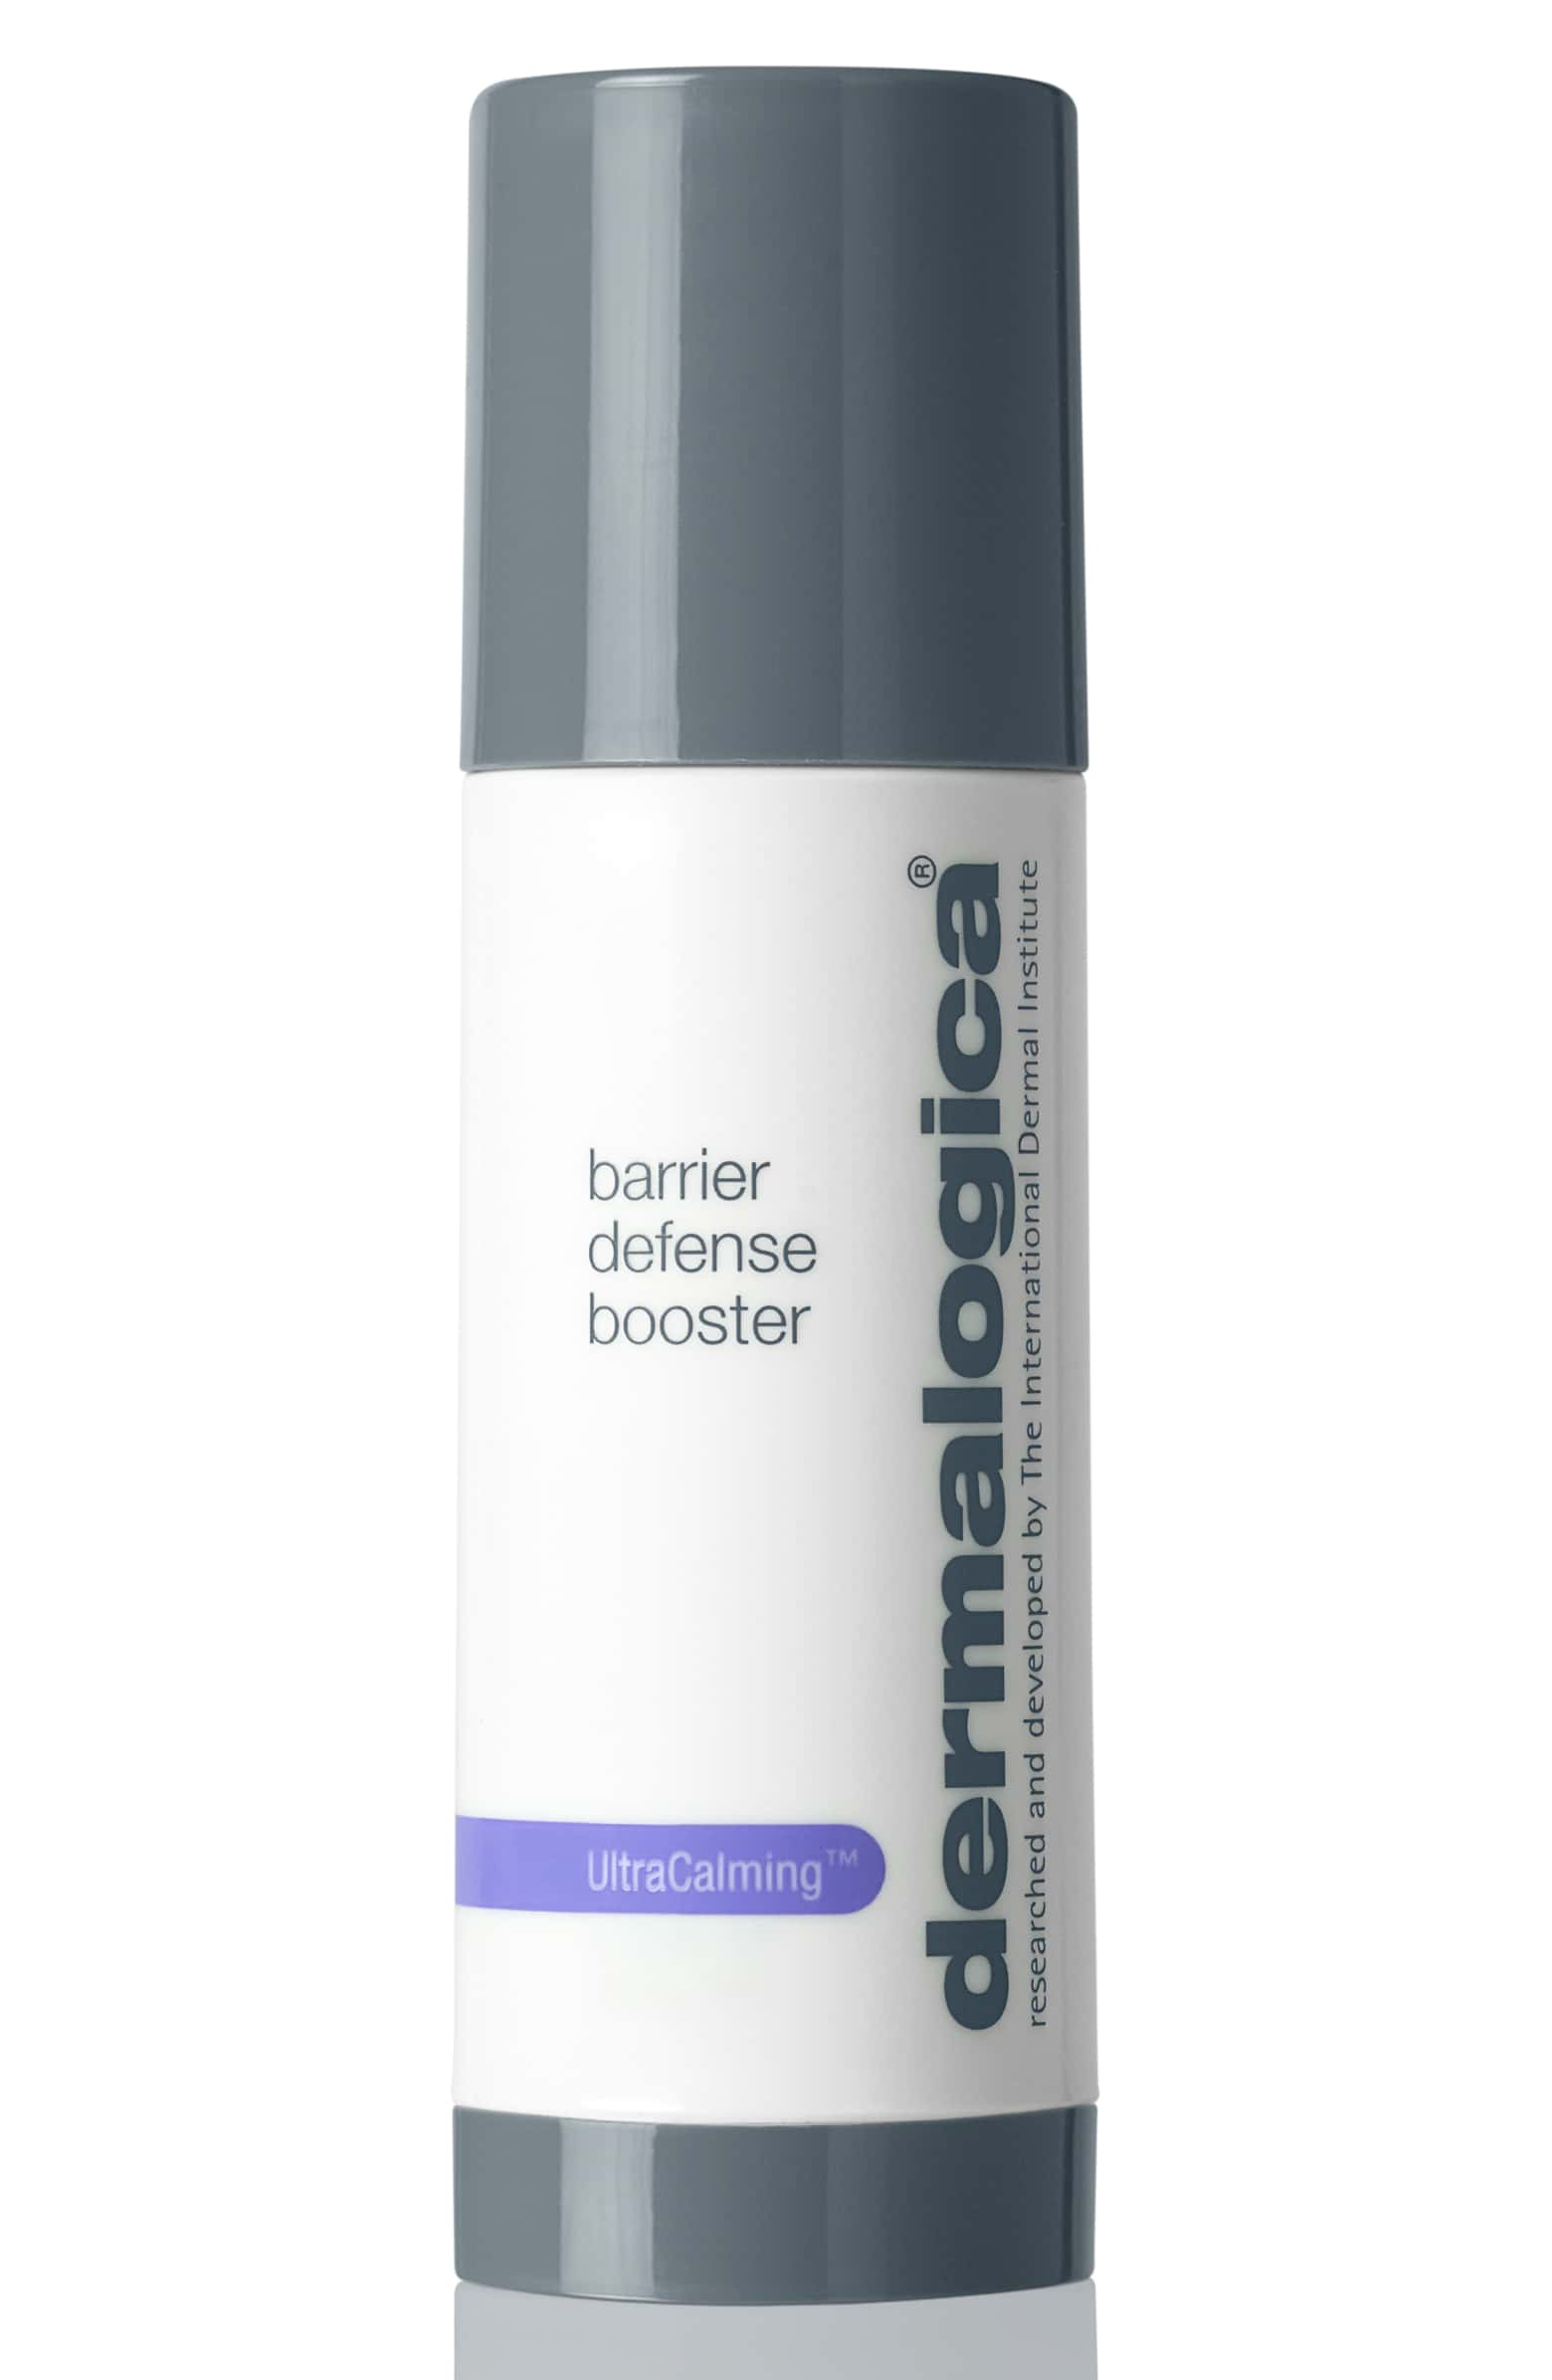 Dermalogica Barrier Defense Booster